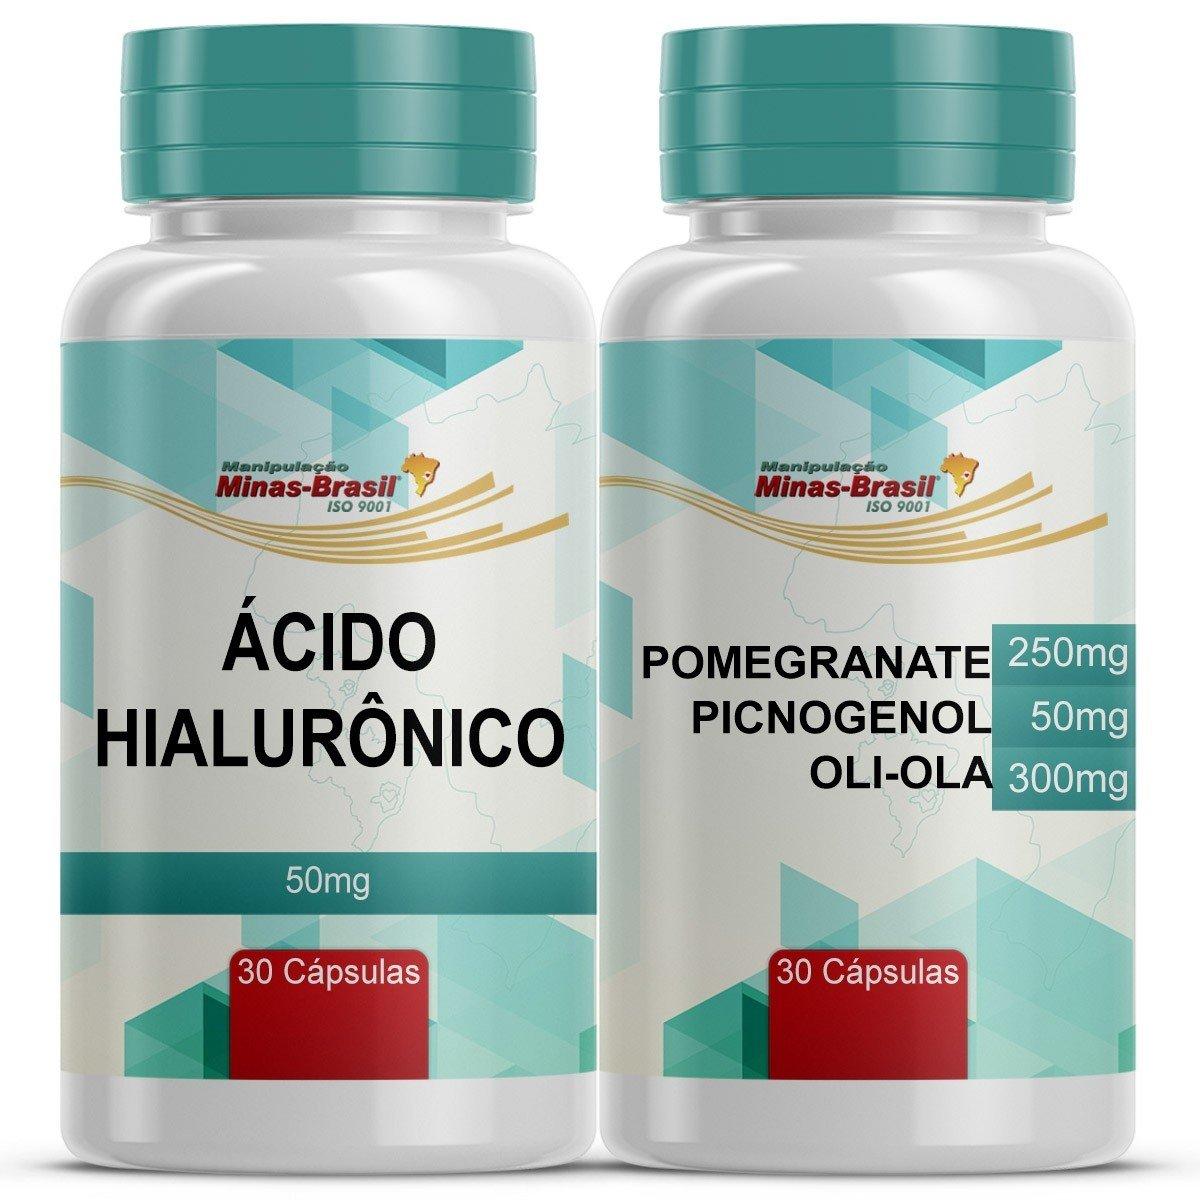 revitalize hialuronic é confiável